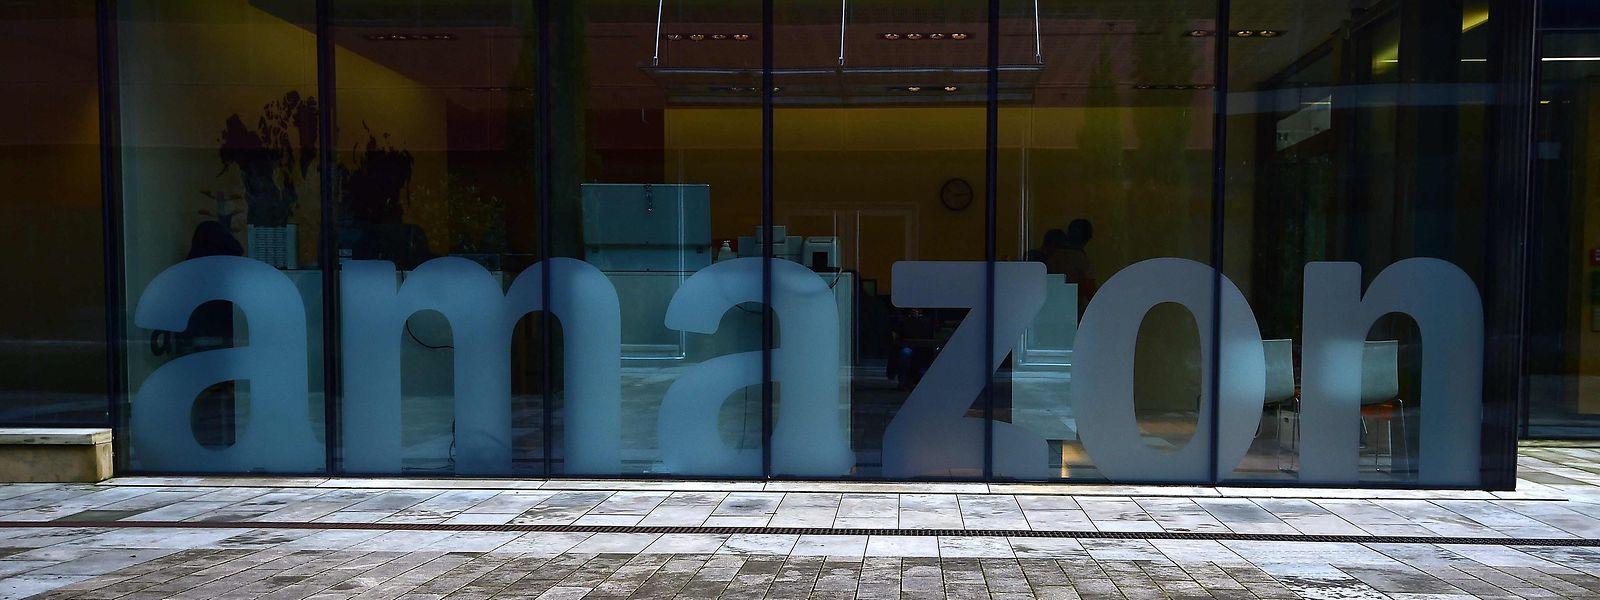 Die europäische Zentrale von Amazon im luxemburgischen Clausen erhielt von der hiesigen Datenschutzbehörde ein unangenehmes Schreiben.